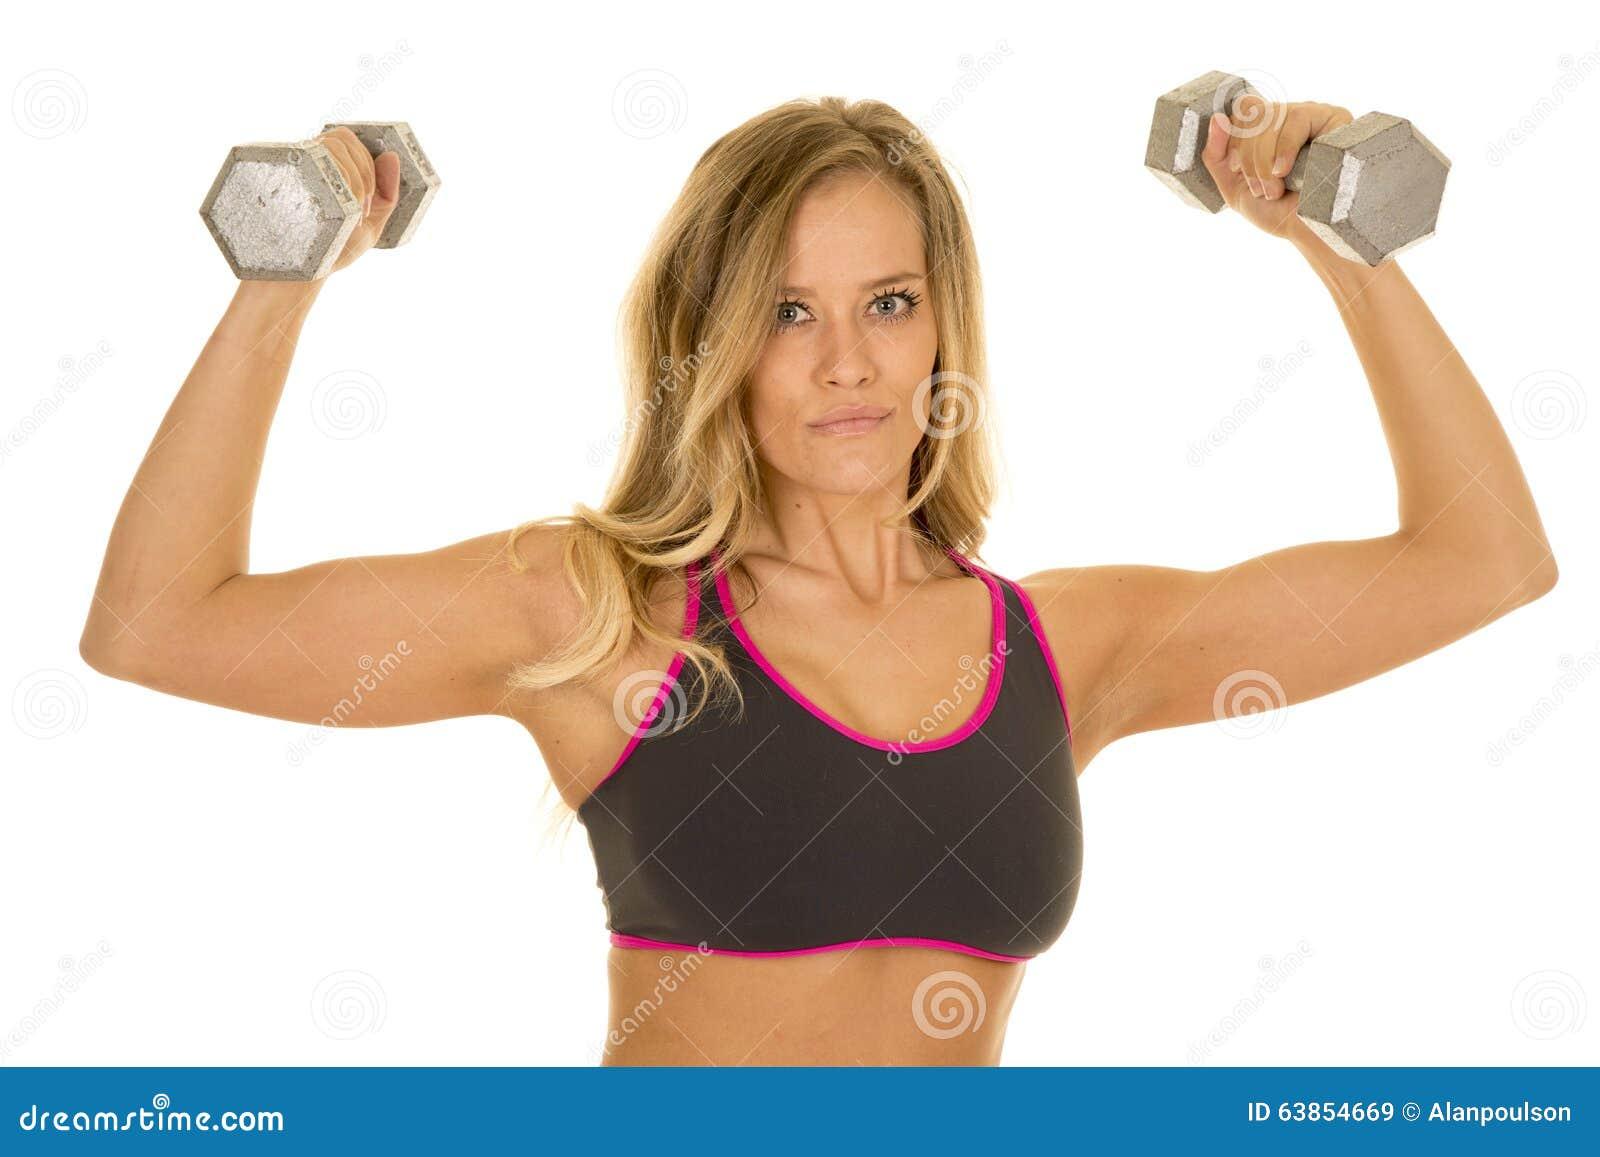 Белокурый гибкий трубопровод женщины утяжеляет смотреть бюстгальтера спорт серого цвета